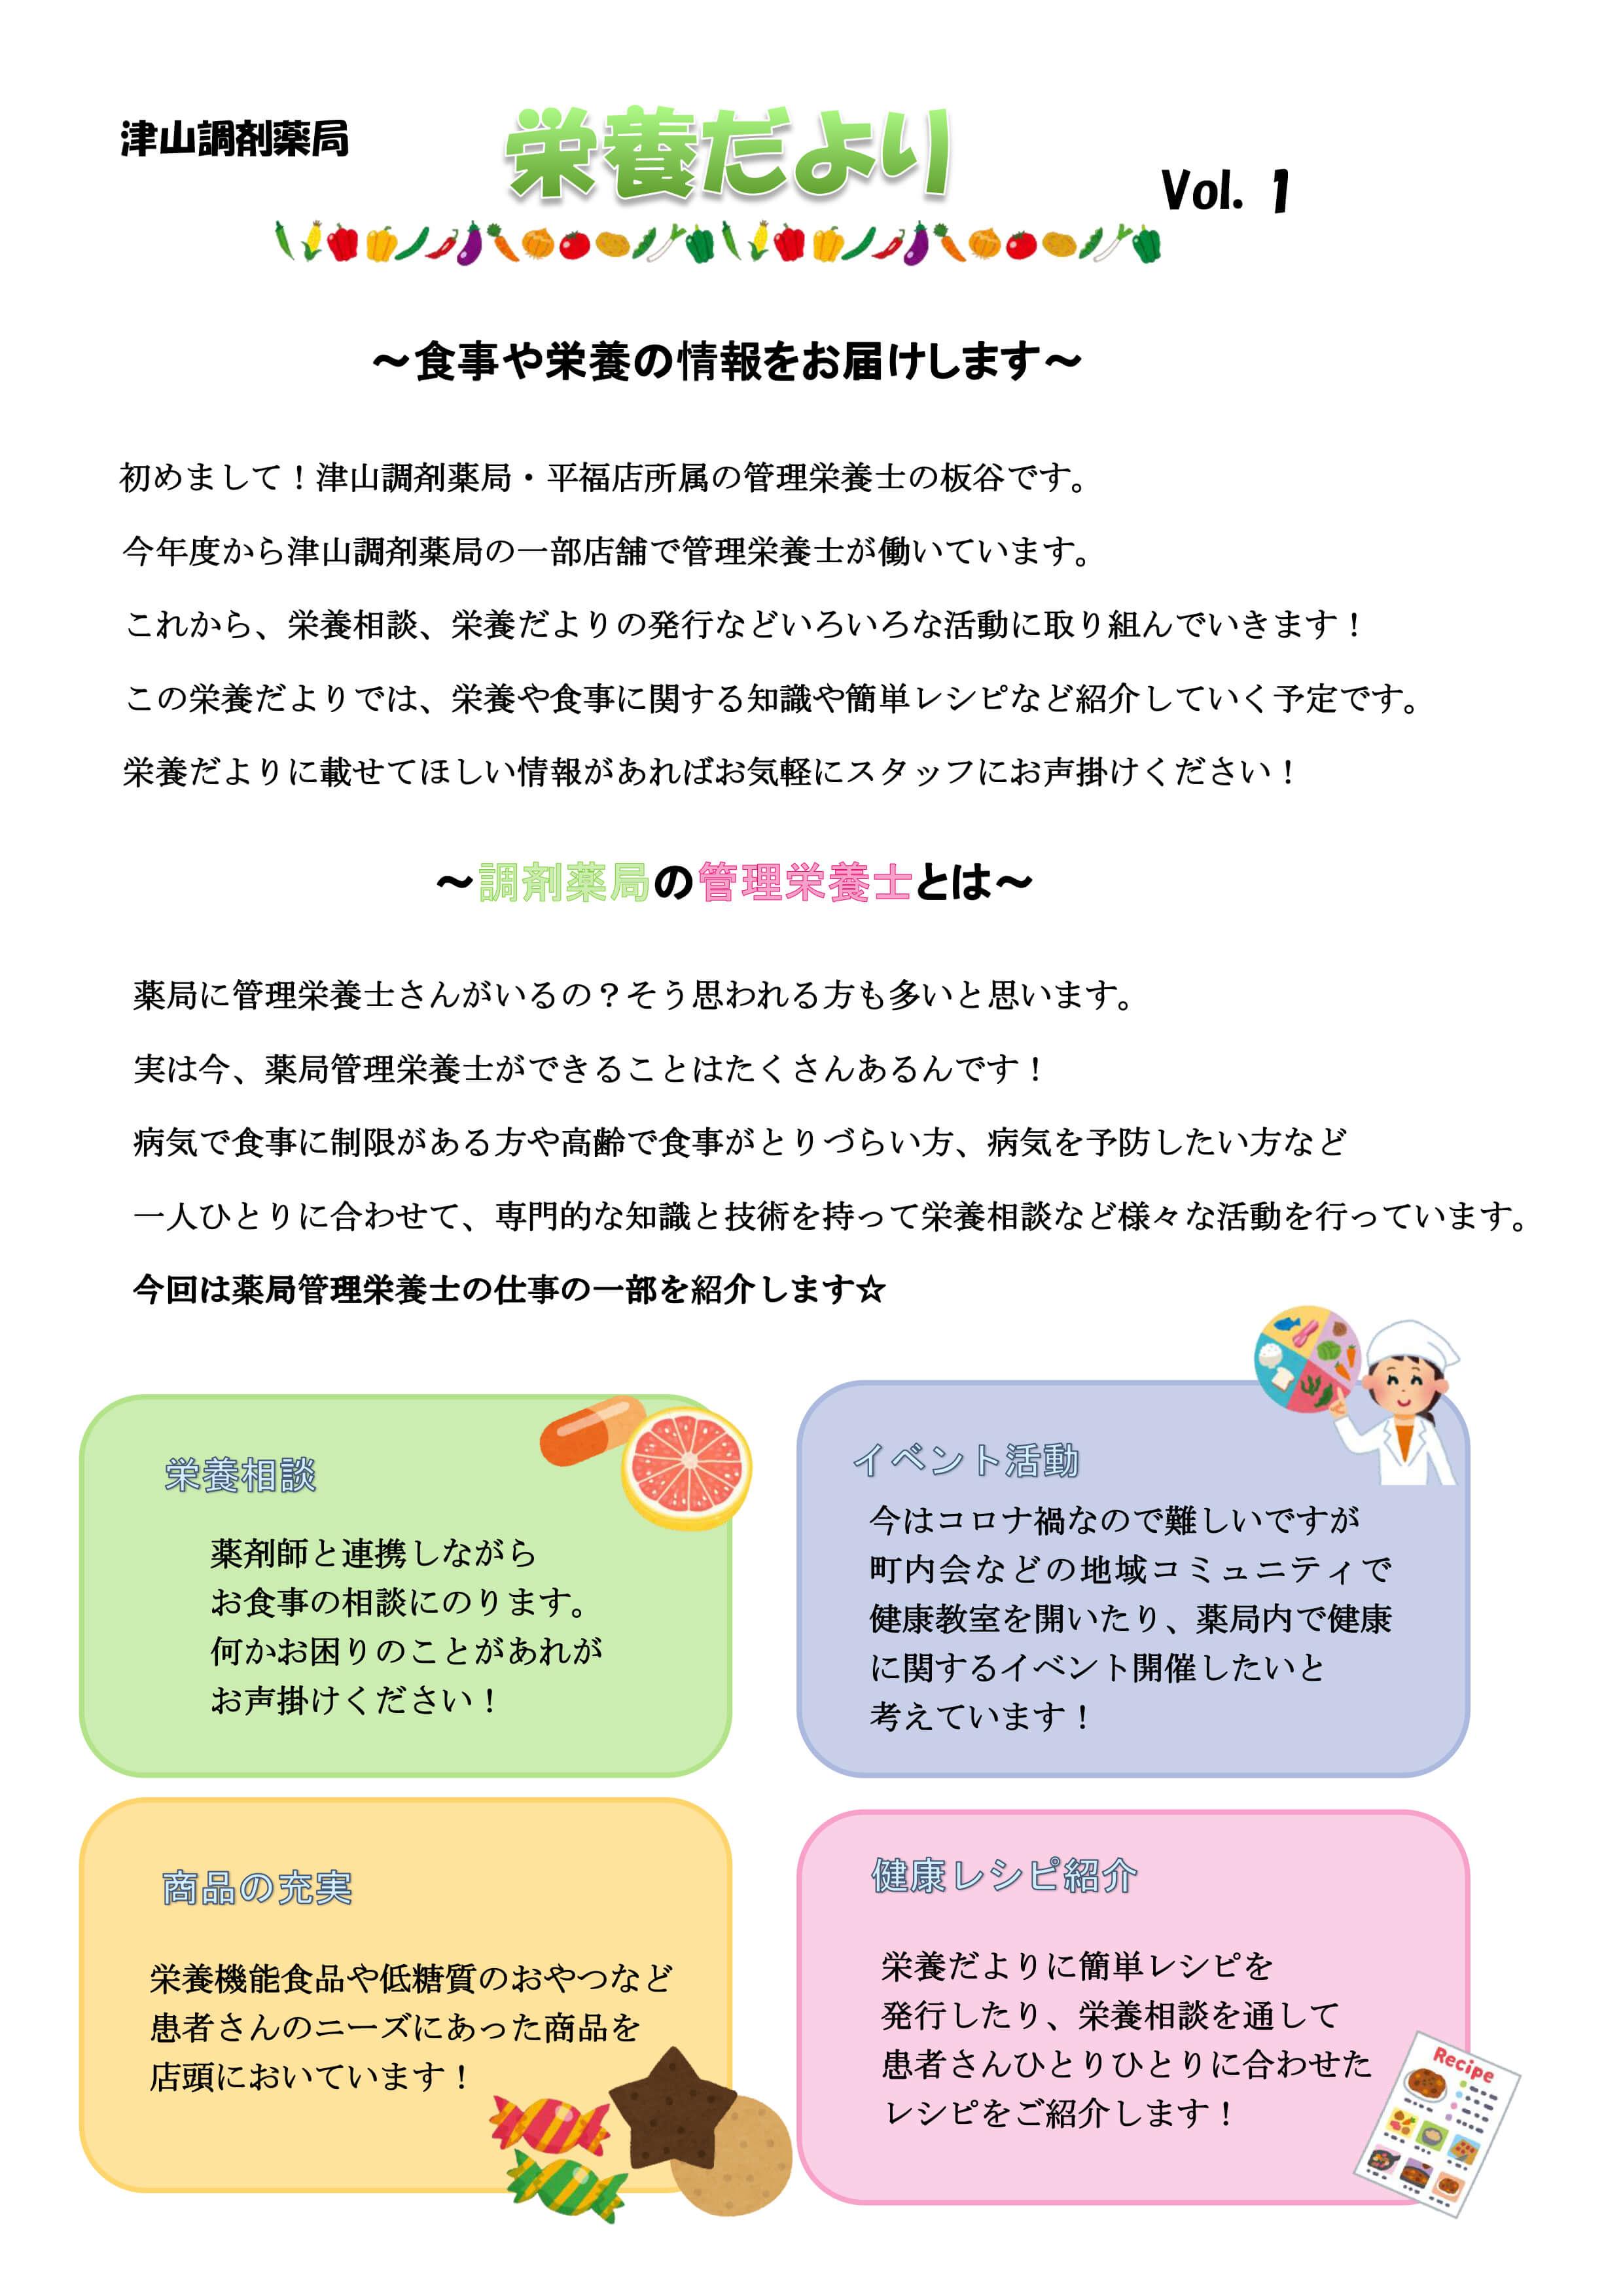 津山調剤薬局栄養士コラム